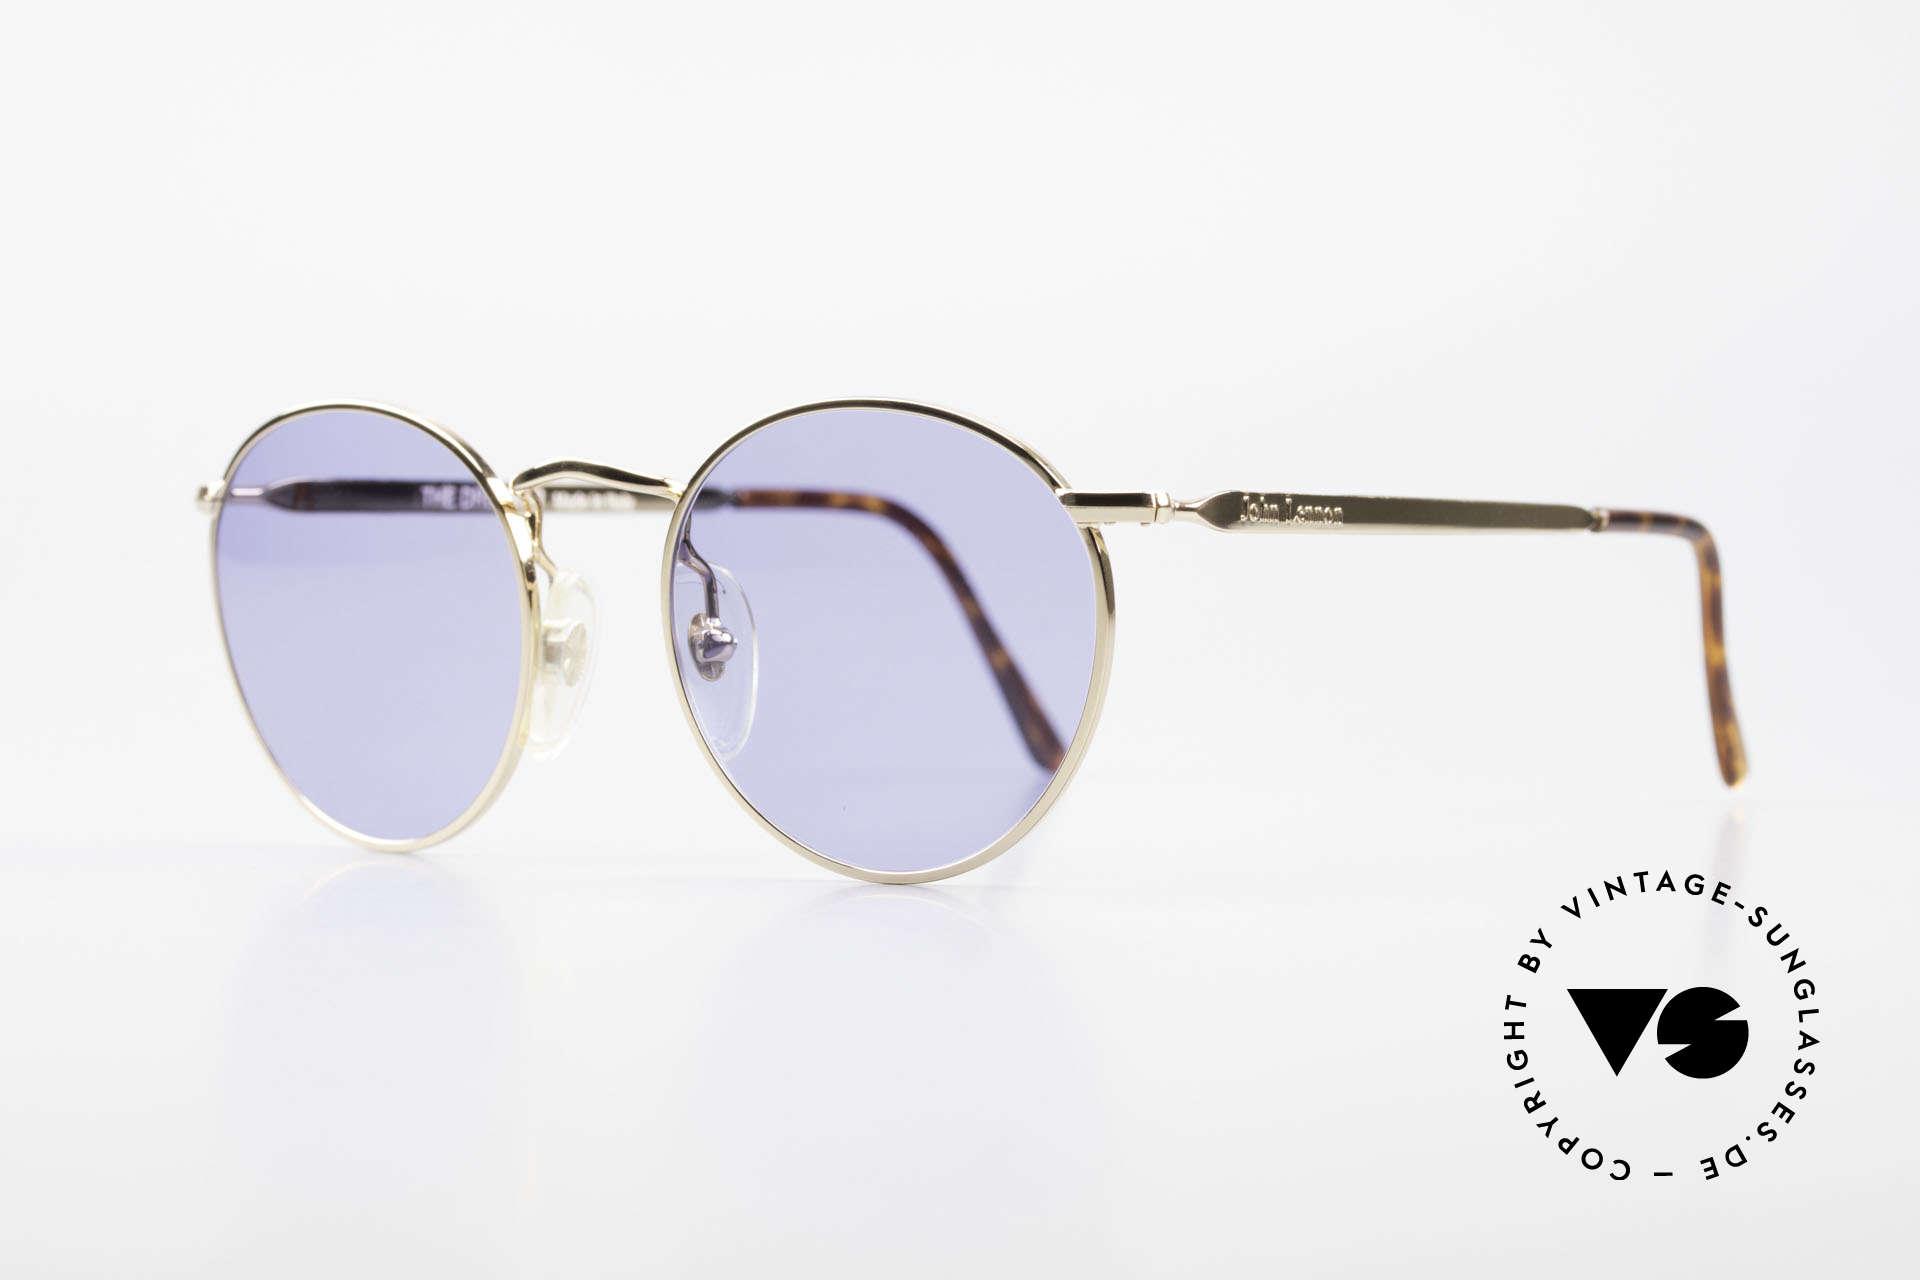 John Lennon - The Dreamer Sehr Kleine Vintage Brille, benannt nach bekannten J. Lennon / Beatles Songs, Passend für Herren und Damen